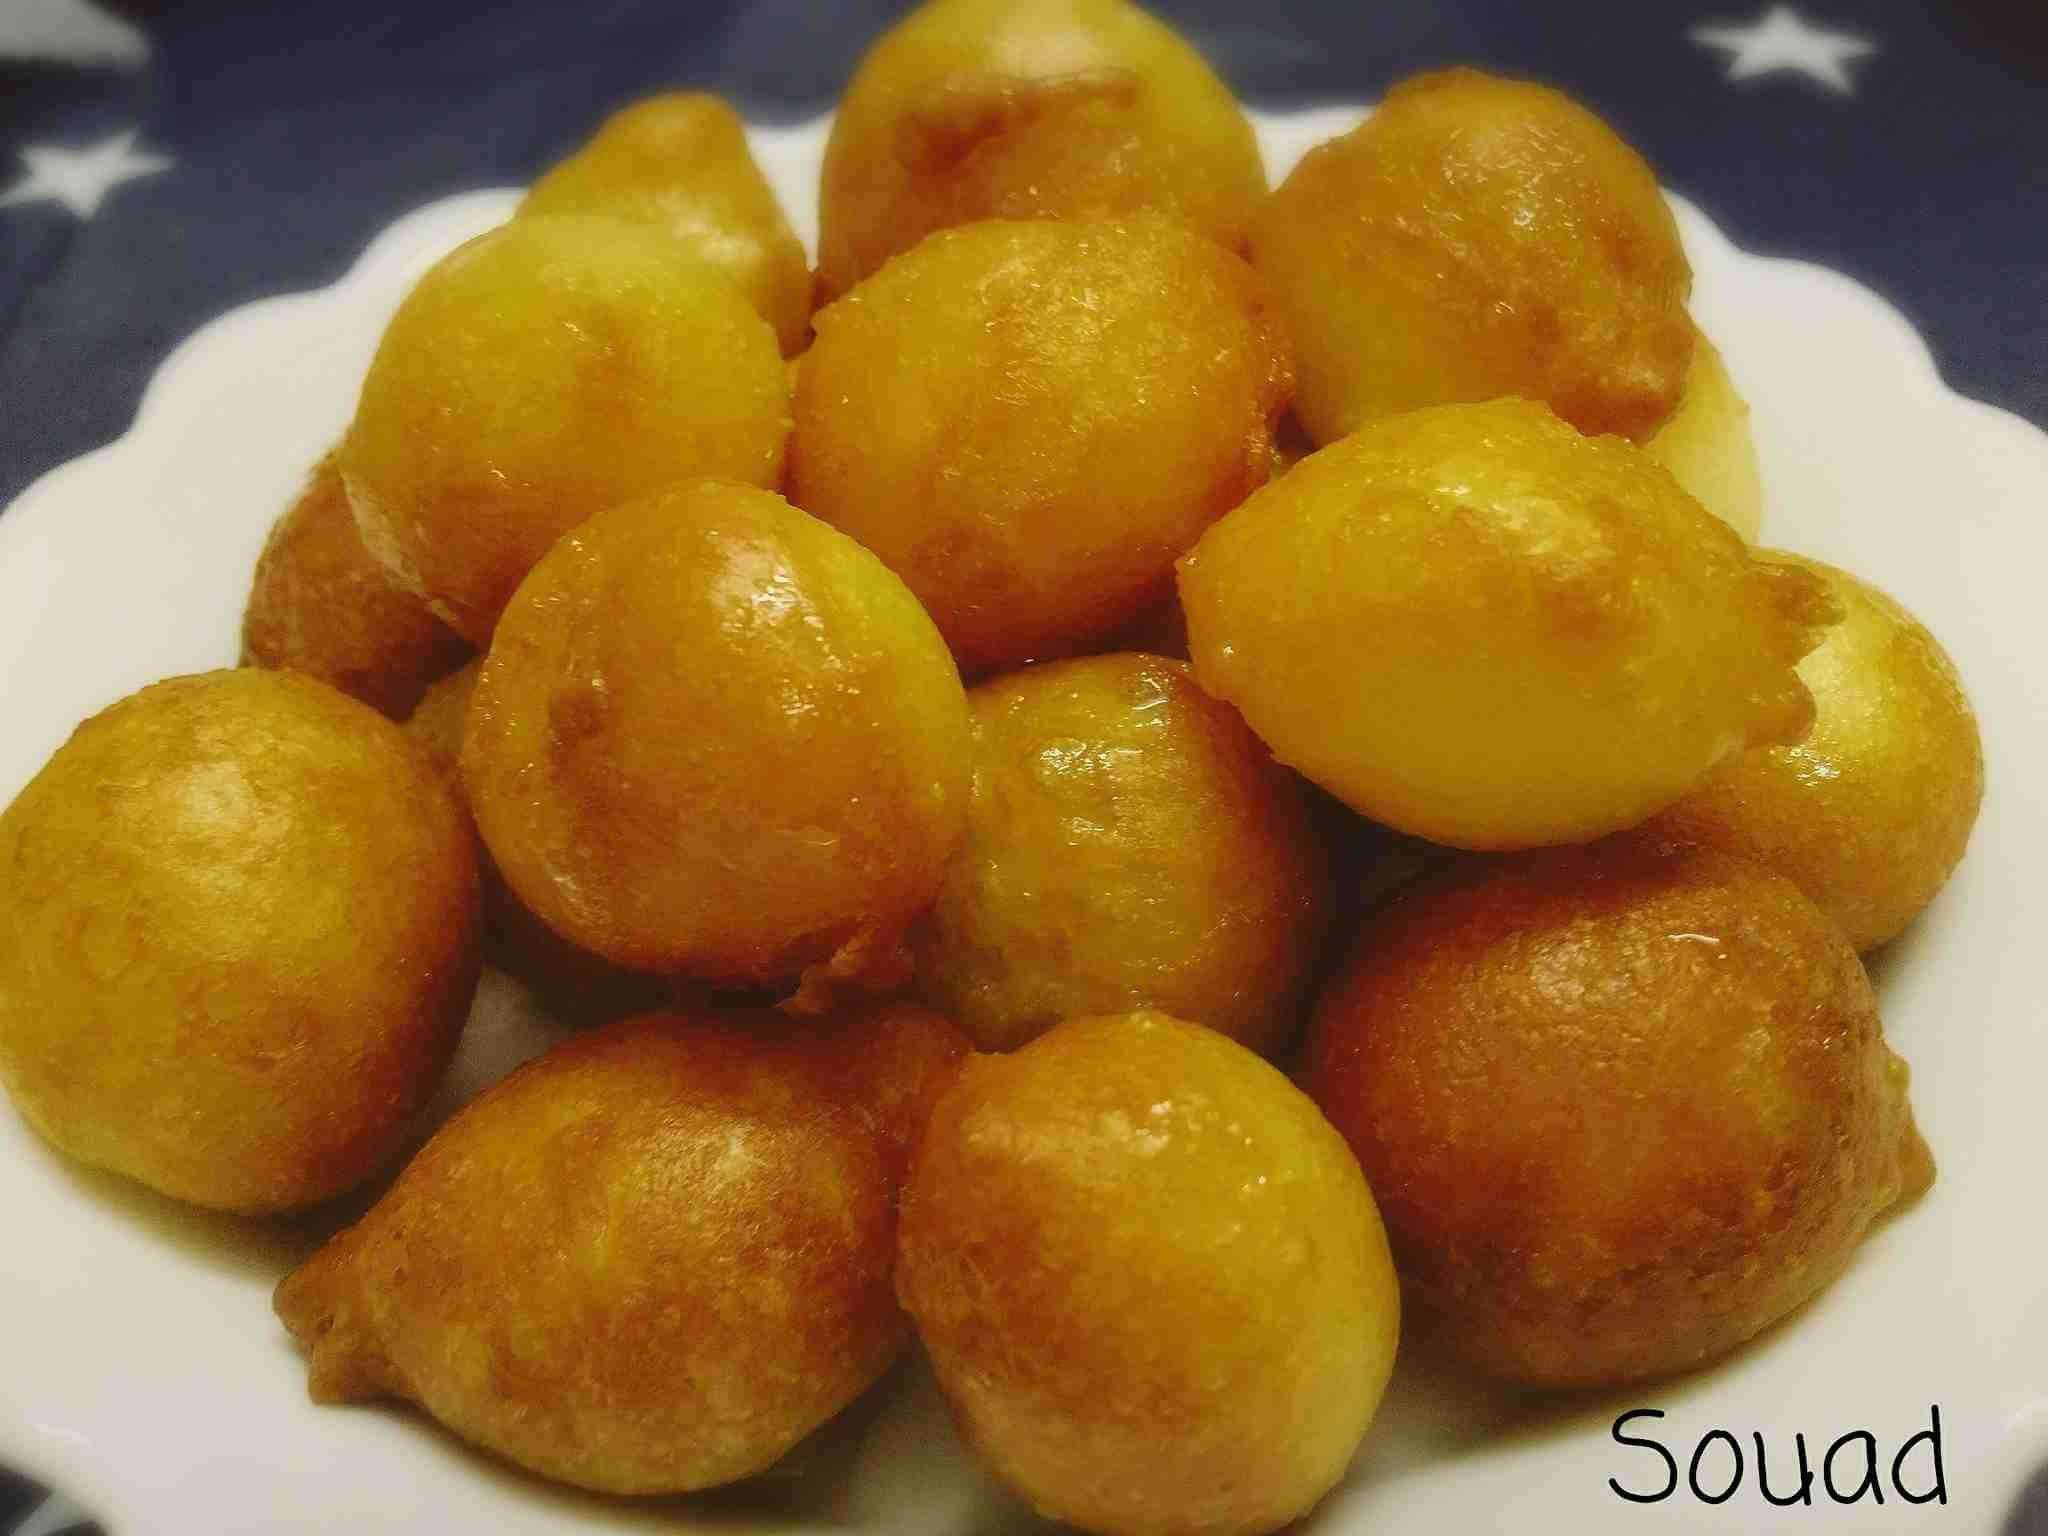 لقمة القاضي او العوامة ملكة تحضيرات رمضان زاكي Food Pretzel Bites Yummy